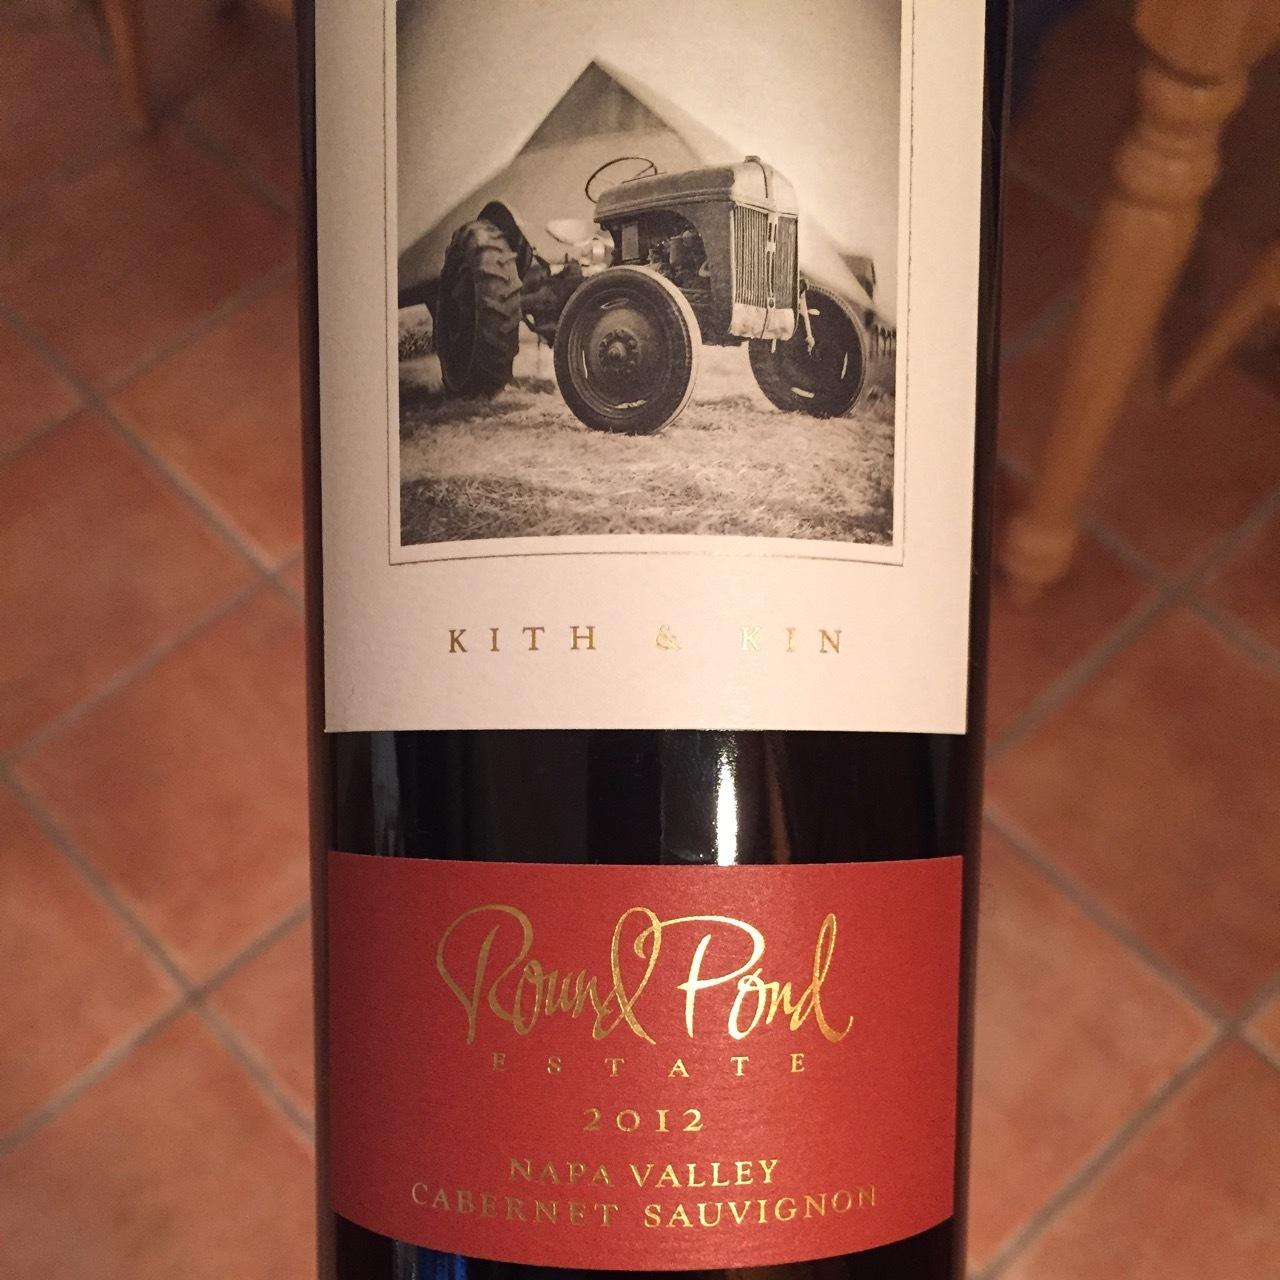 Round Pond Estate Kith & Kin Napa Valley Cabernet Sauvignon 2014